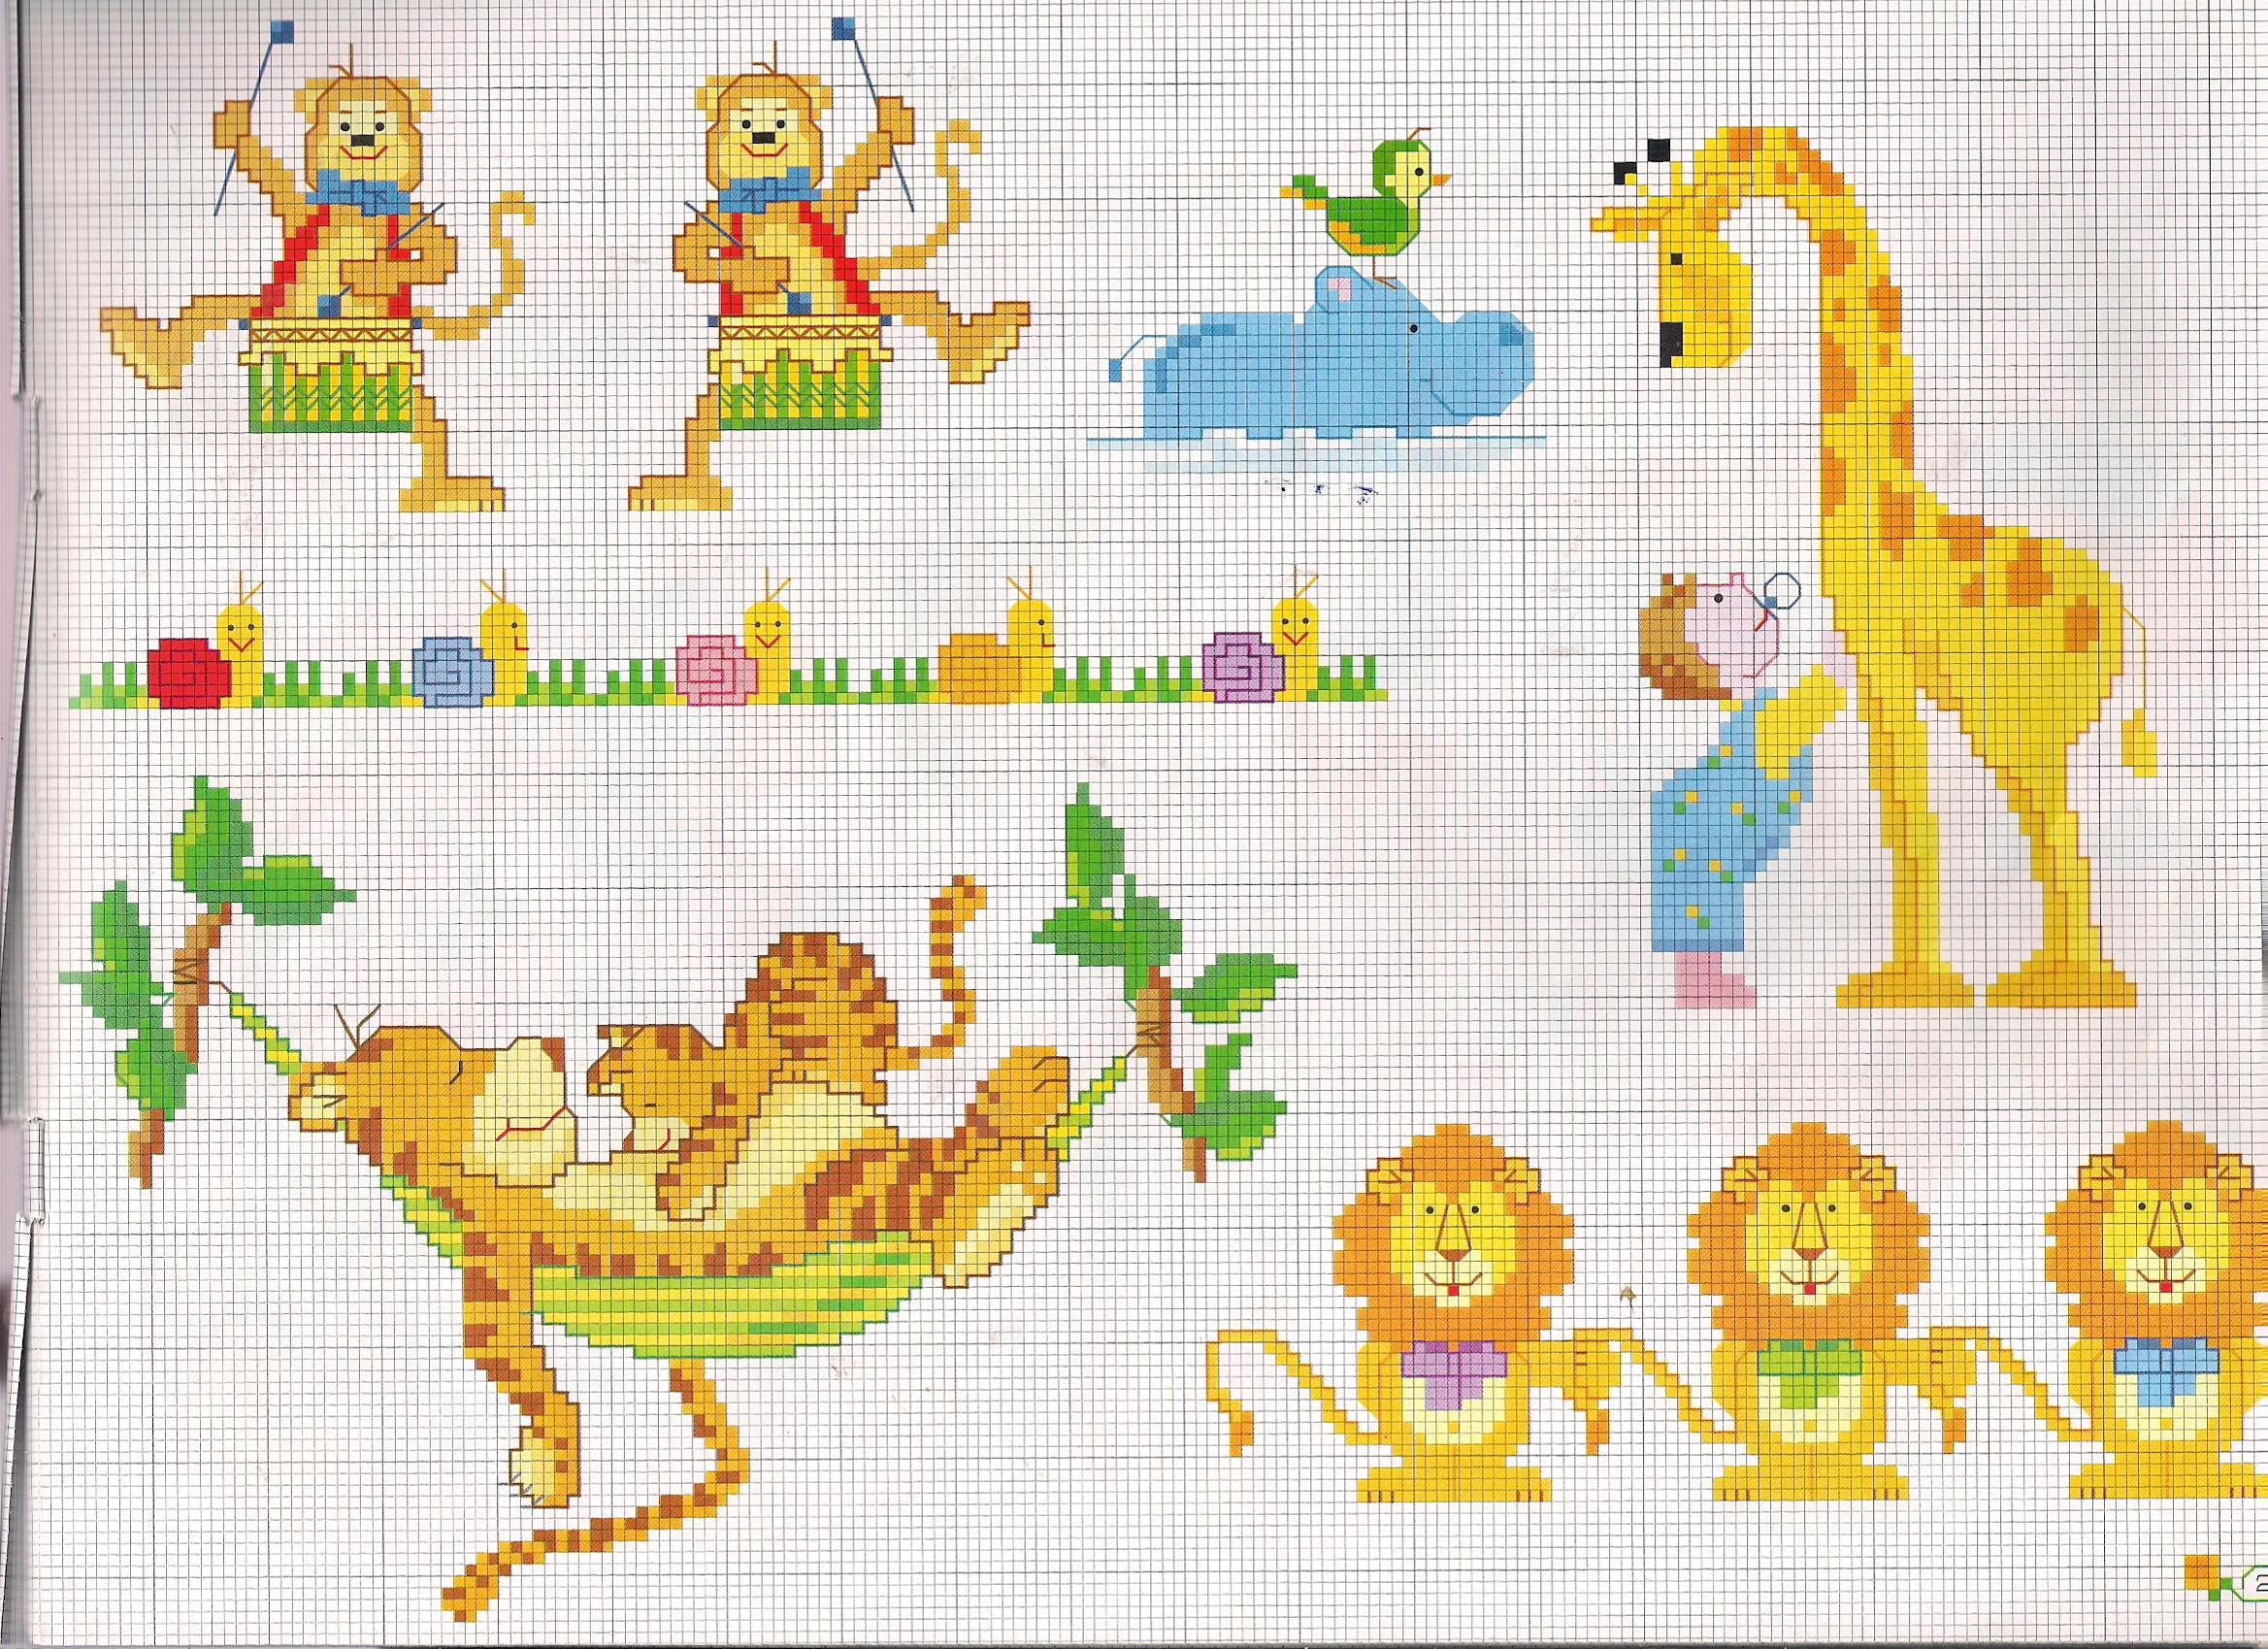 Animali giraffa tigre con cucciolo su amaca magiedifilo for Animali con asciugamani